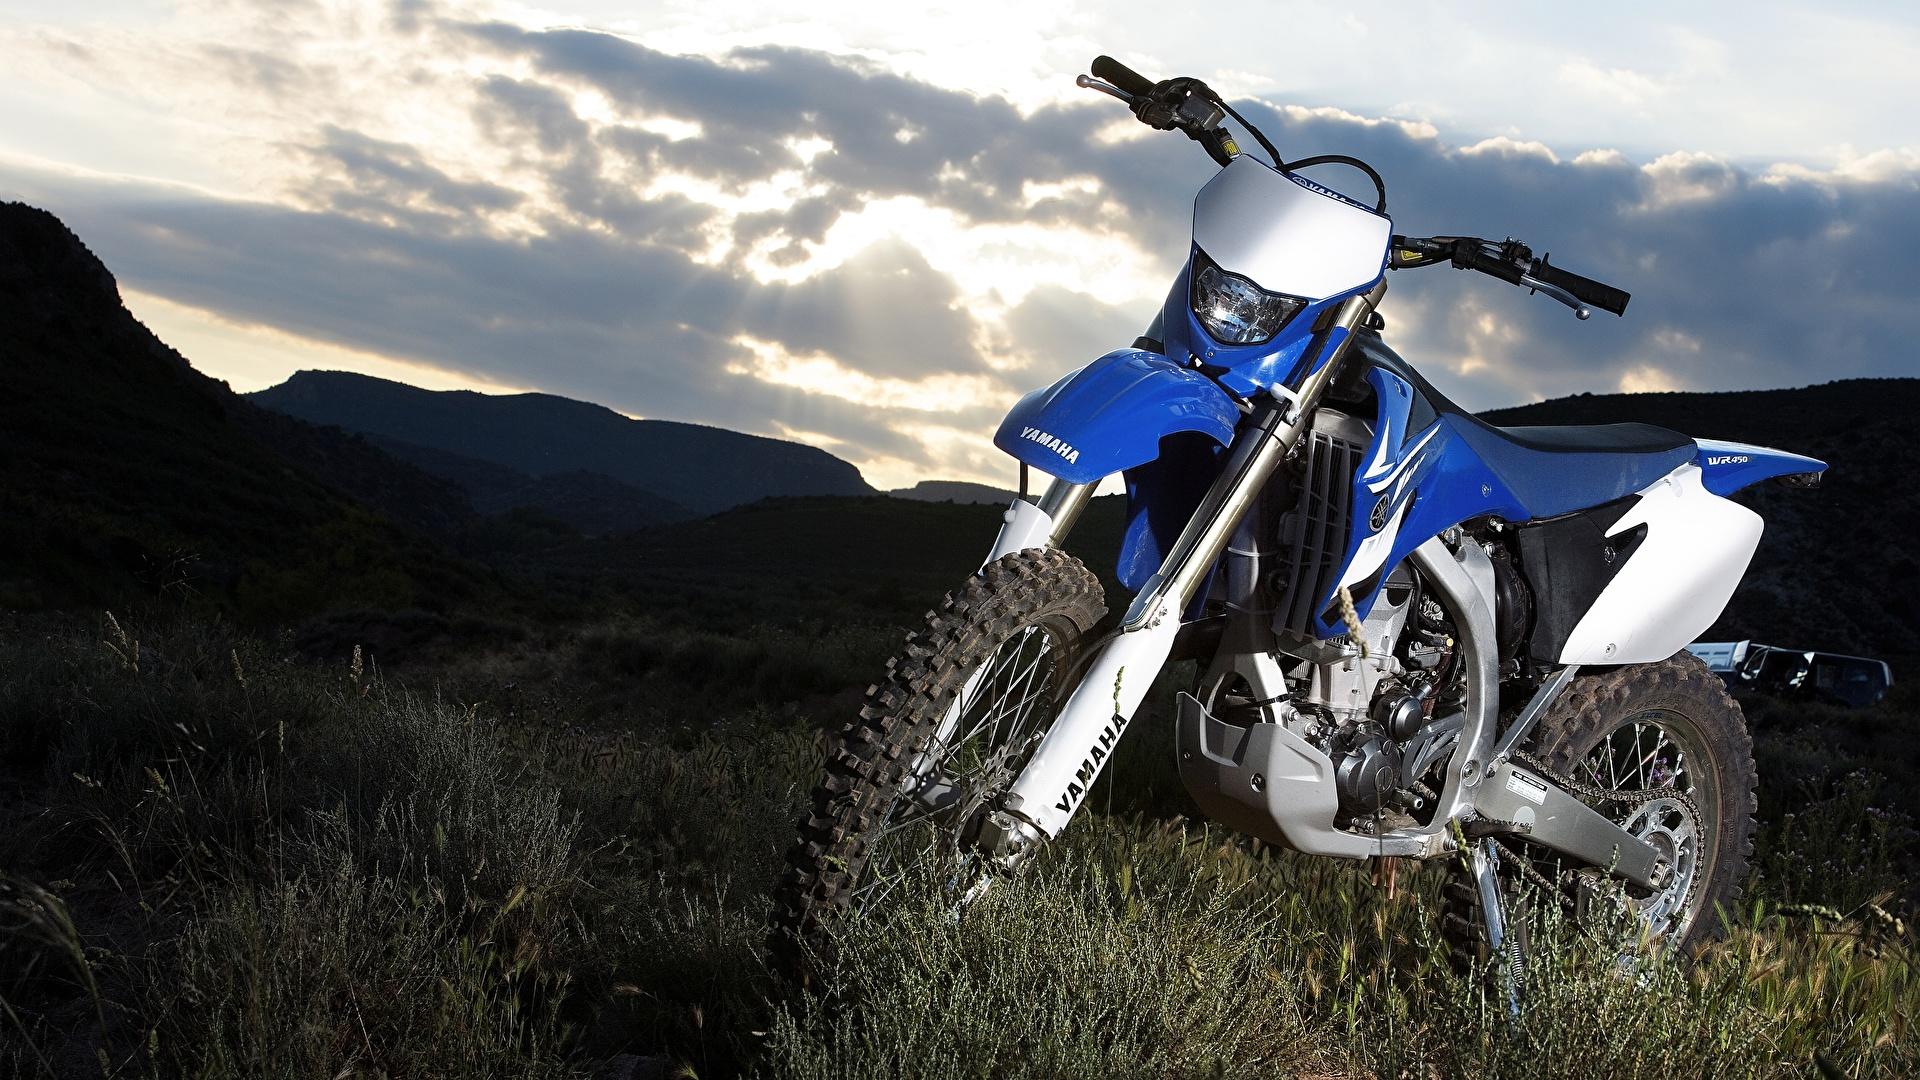 Картинки Ямаха 2007-10 WR450F мотоцикл 1920x1080 Yamaha Мотоциклы